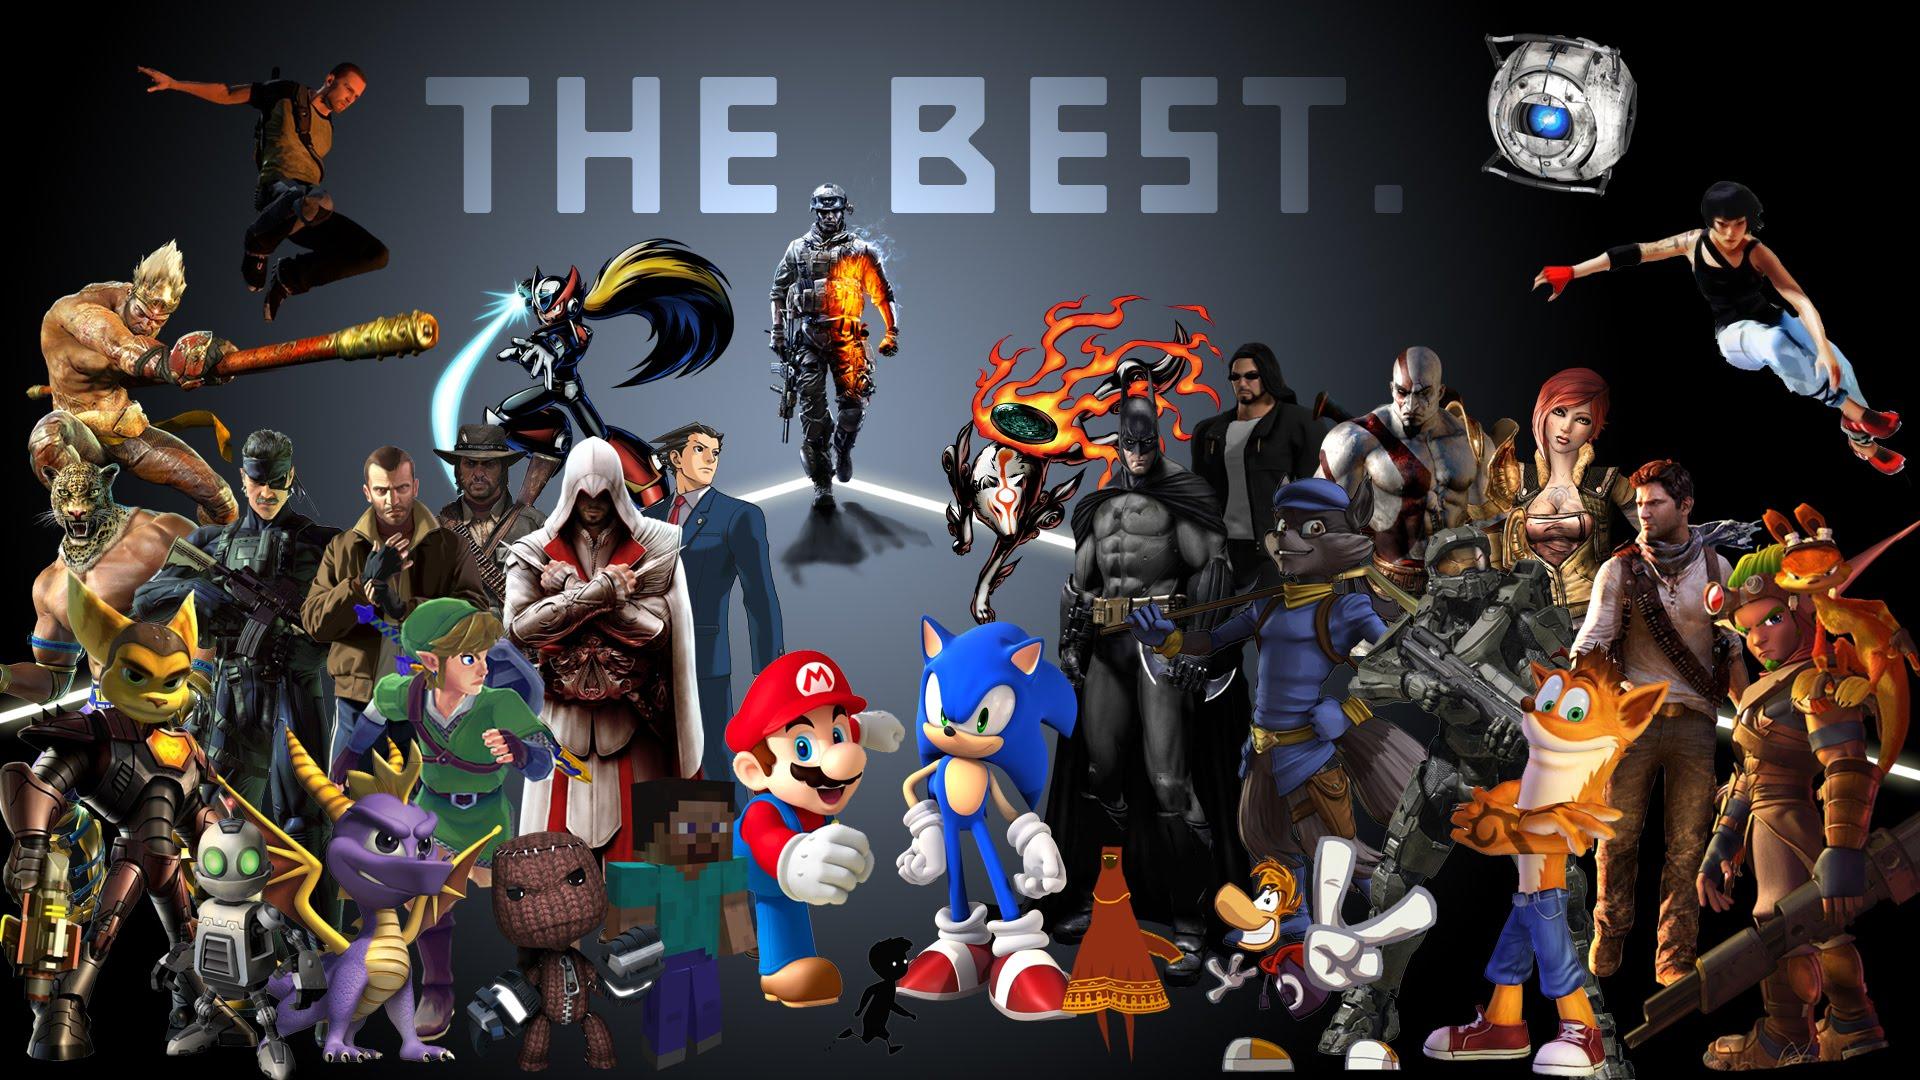 ТОП 10 самых популярных компьютерных игр всех времен